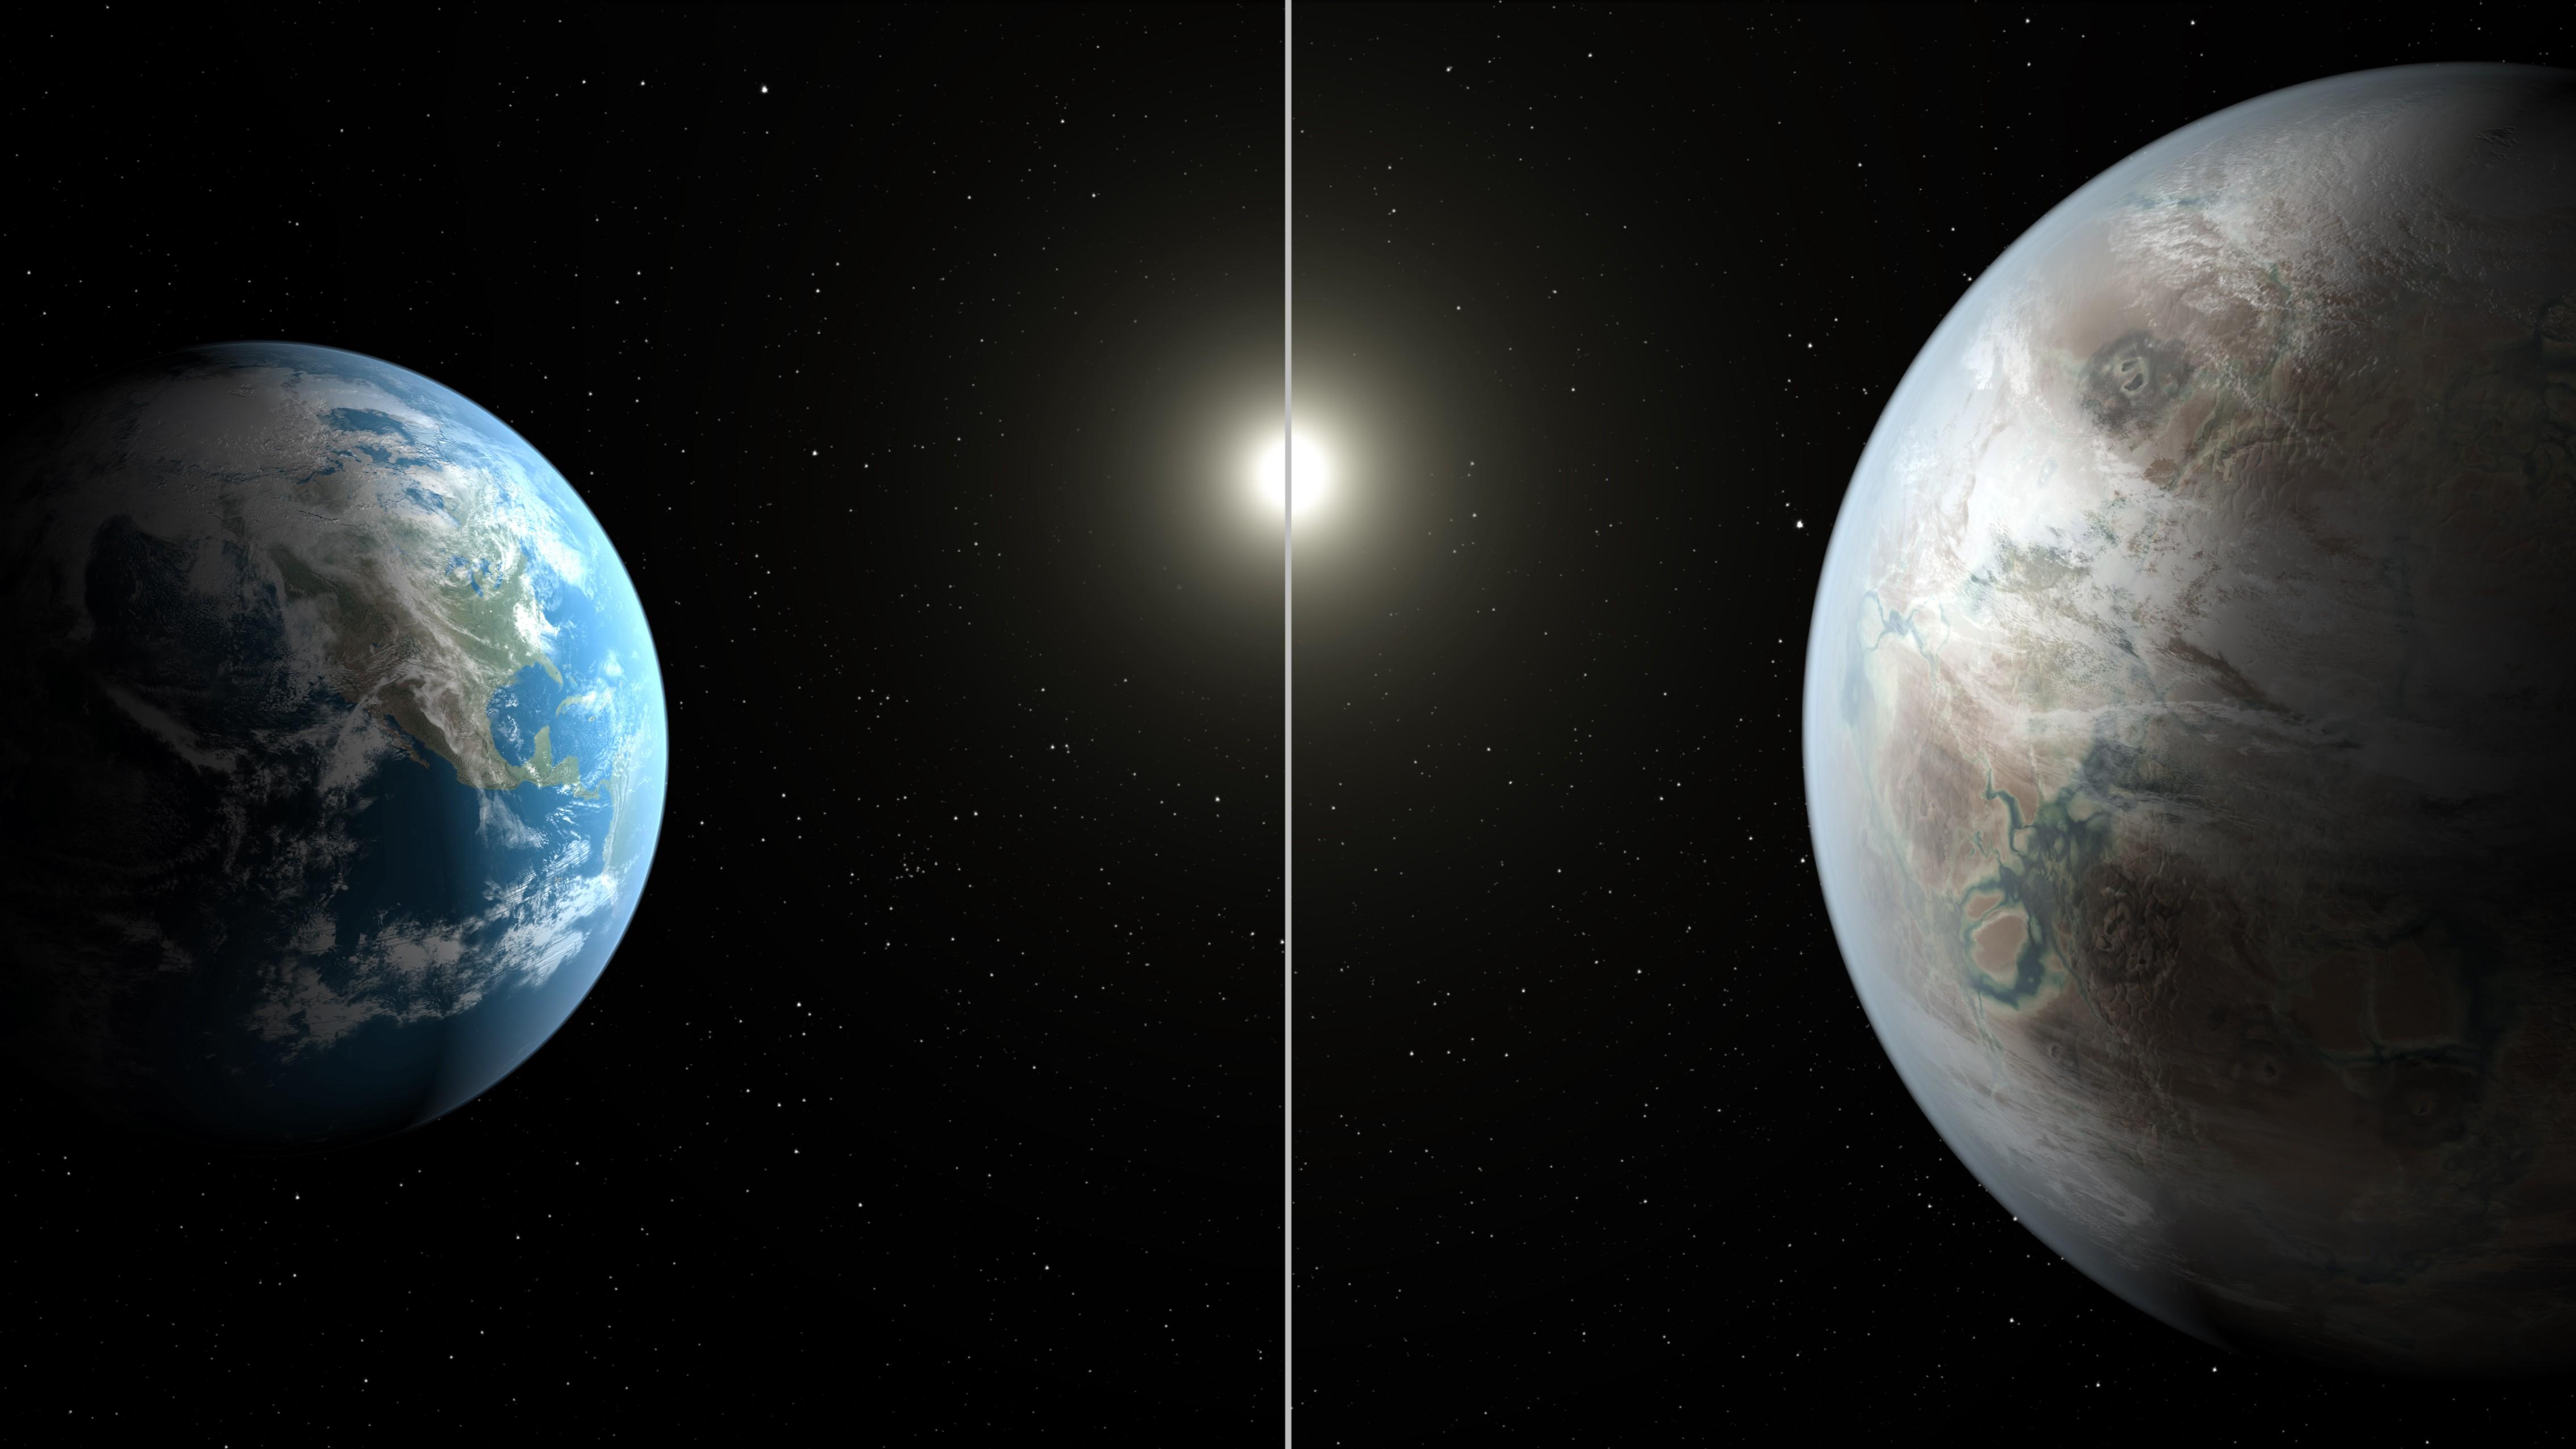 Concepção artística compara Terra com o Kepler 452b (Foto: NASA/JPL-Caltech/T. Pyle)